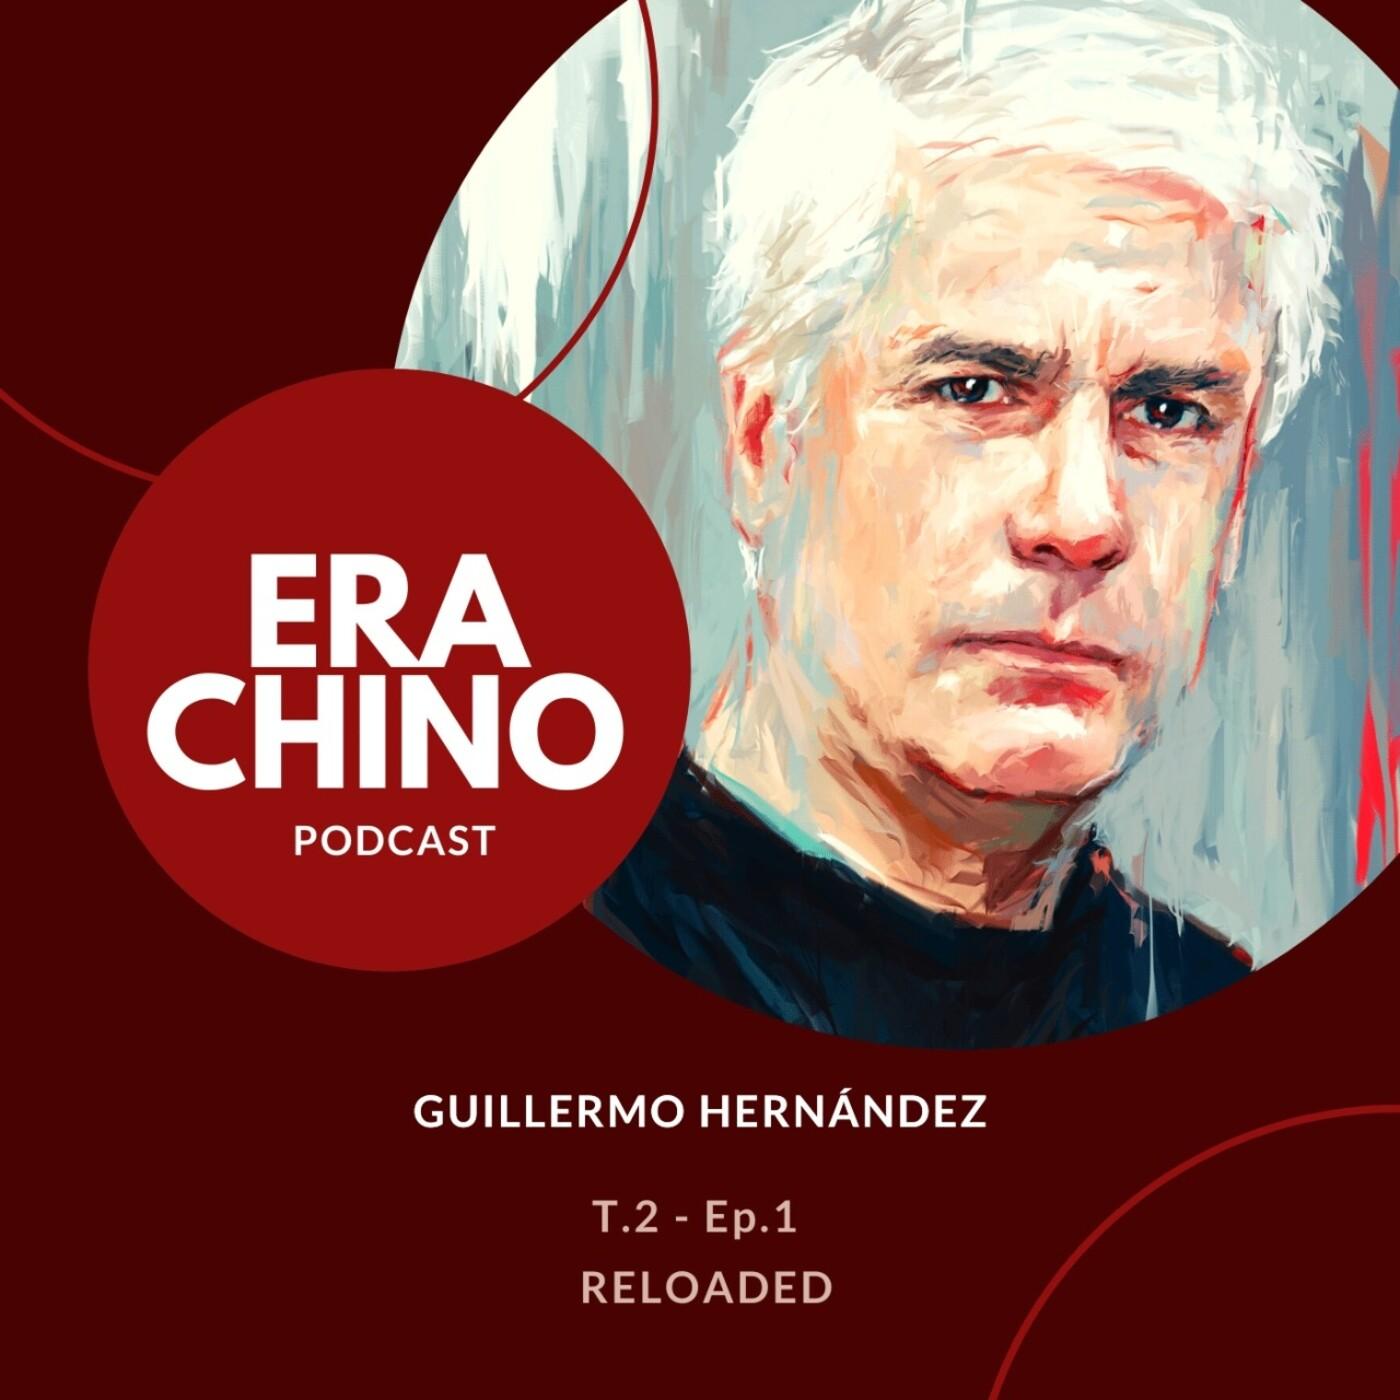 Era Chino T02E01 : Reloaded.